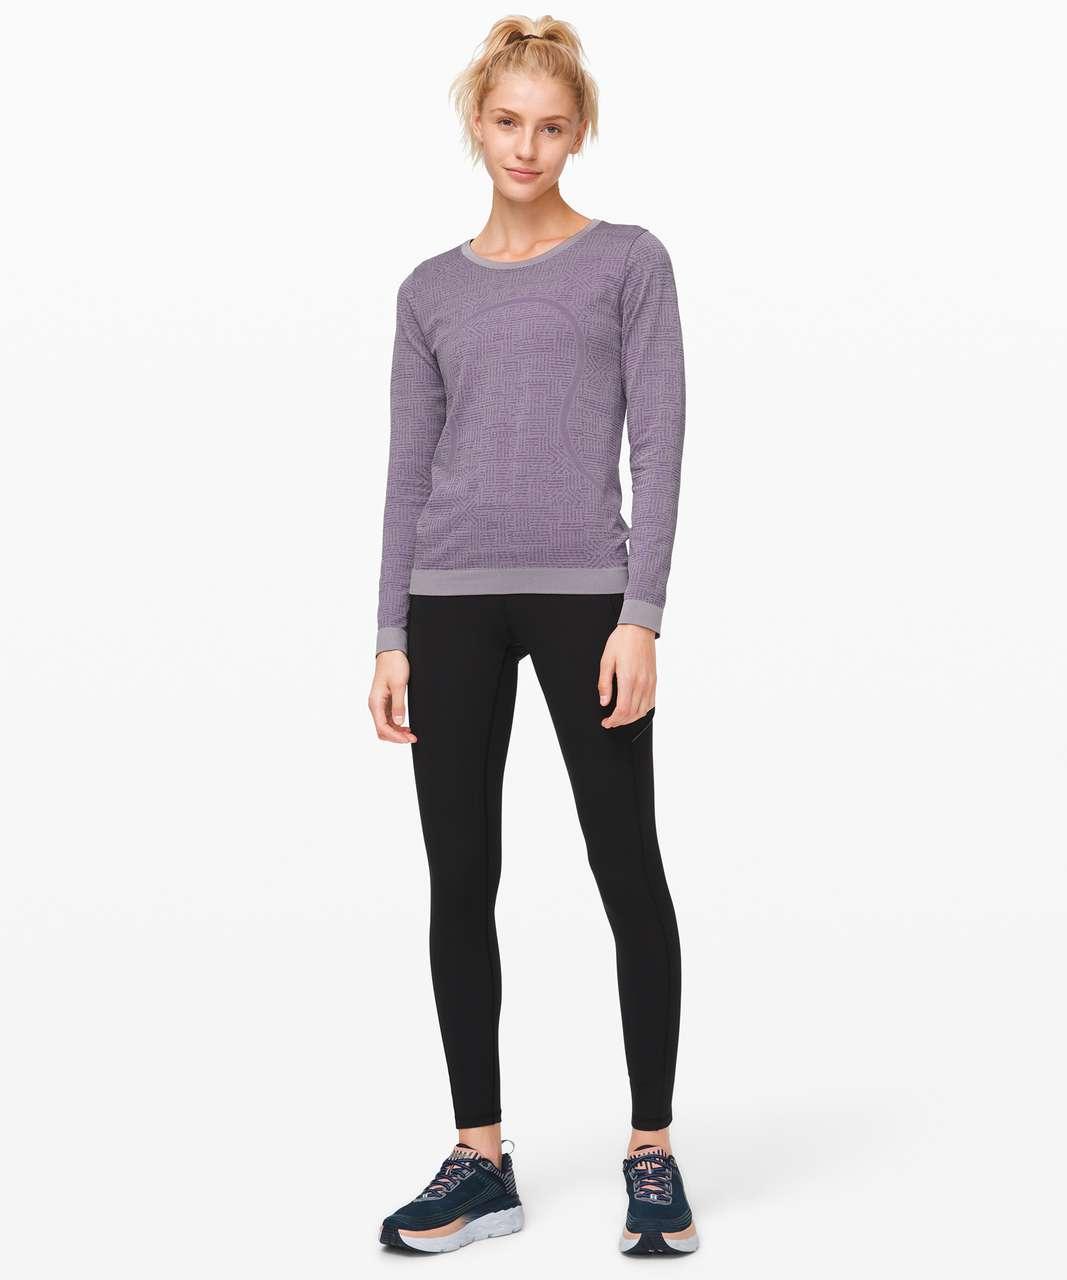 Lululemon Swiftly Relaxed Long Sleeve - Purple Quartz / Violet Grey